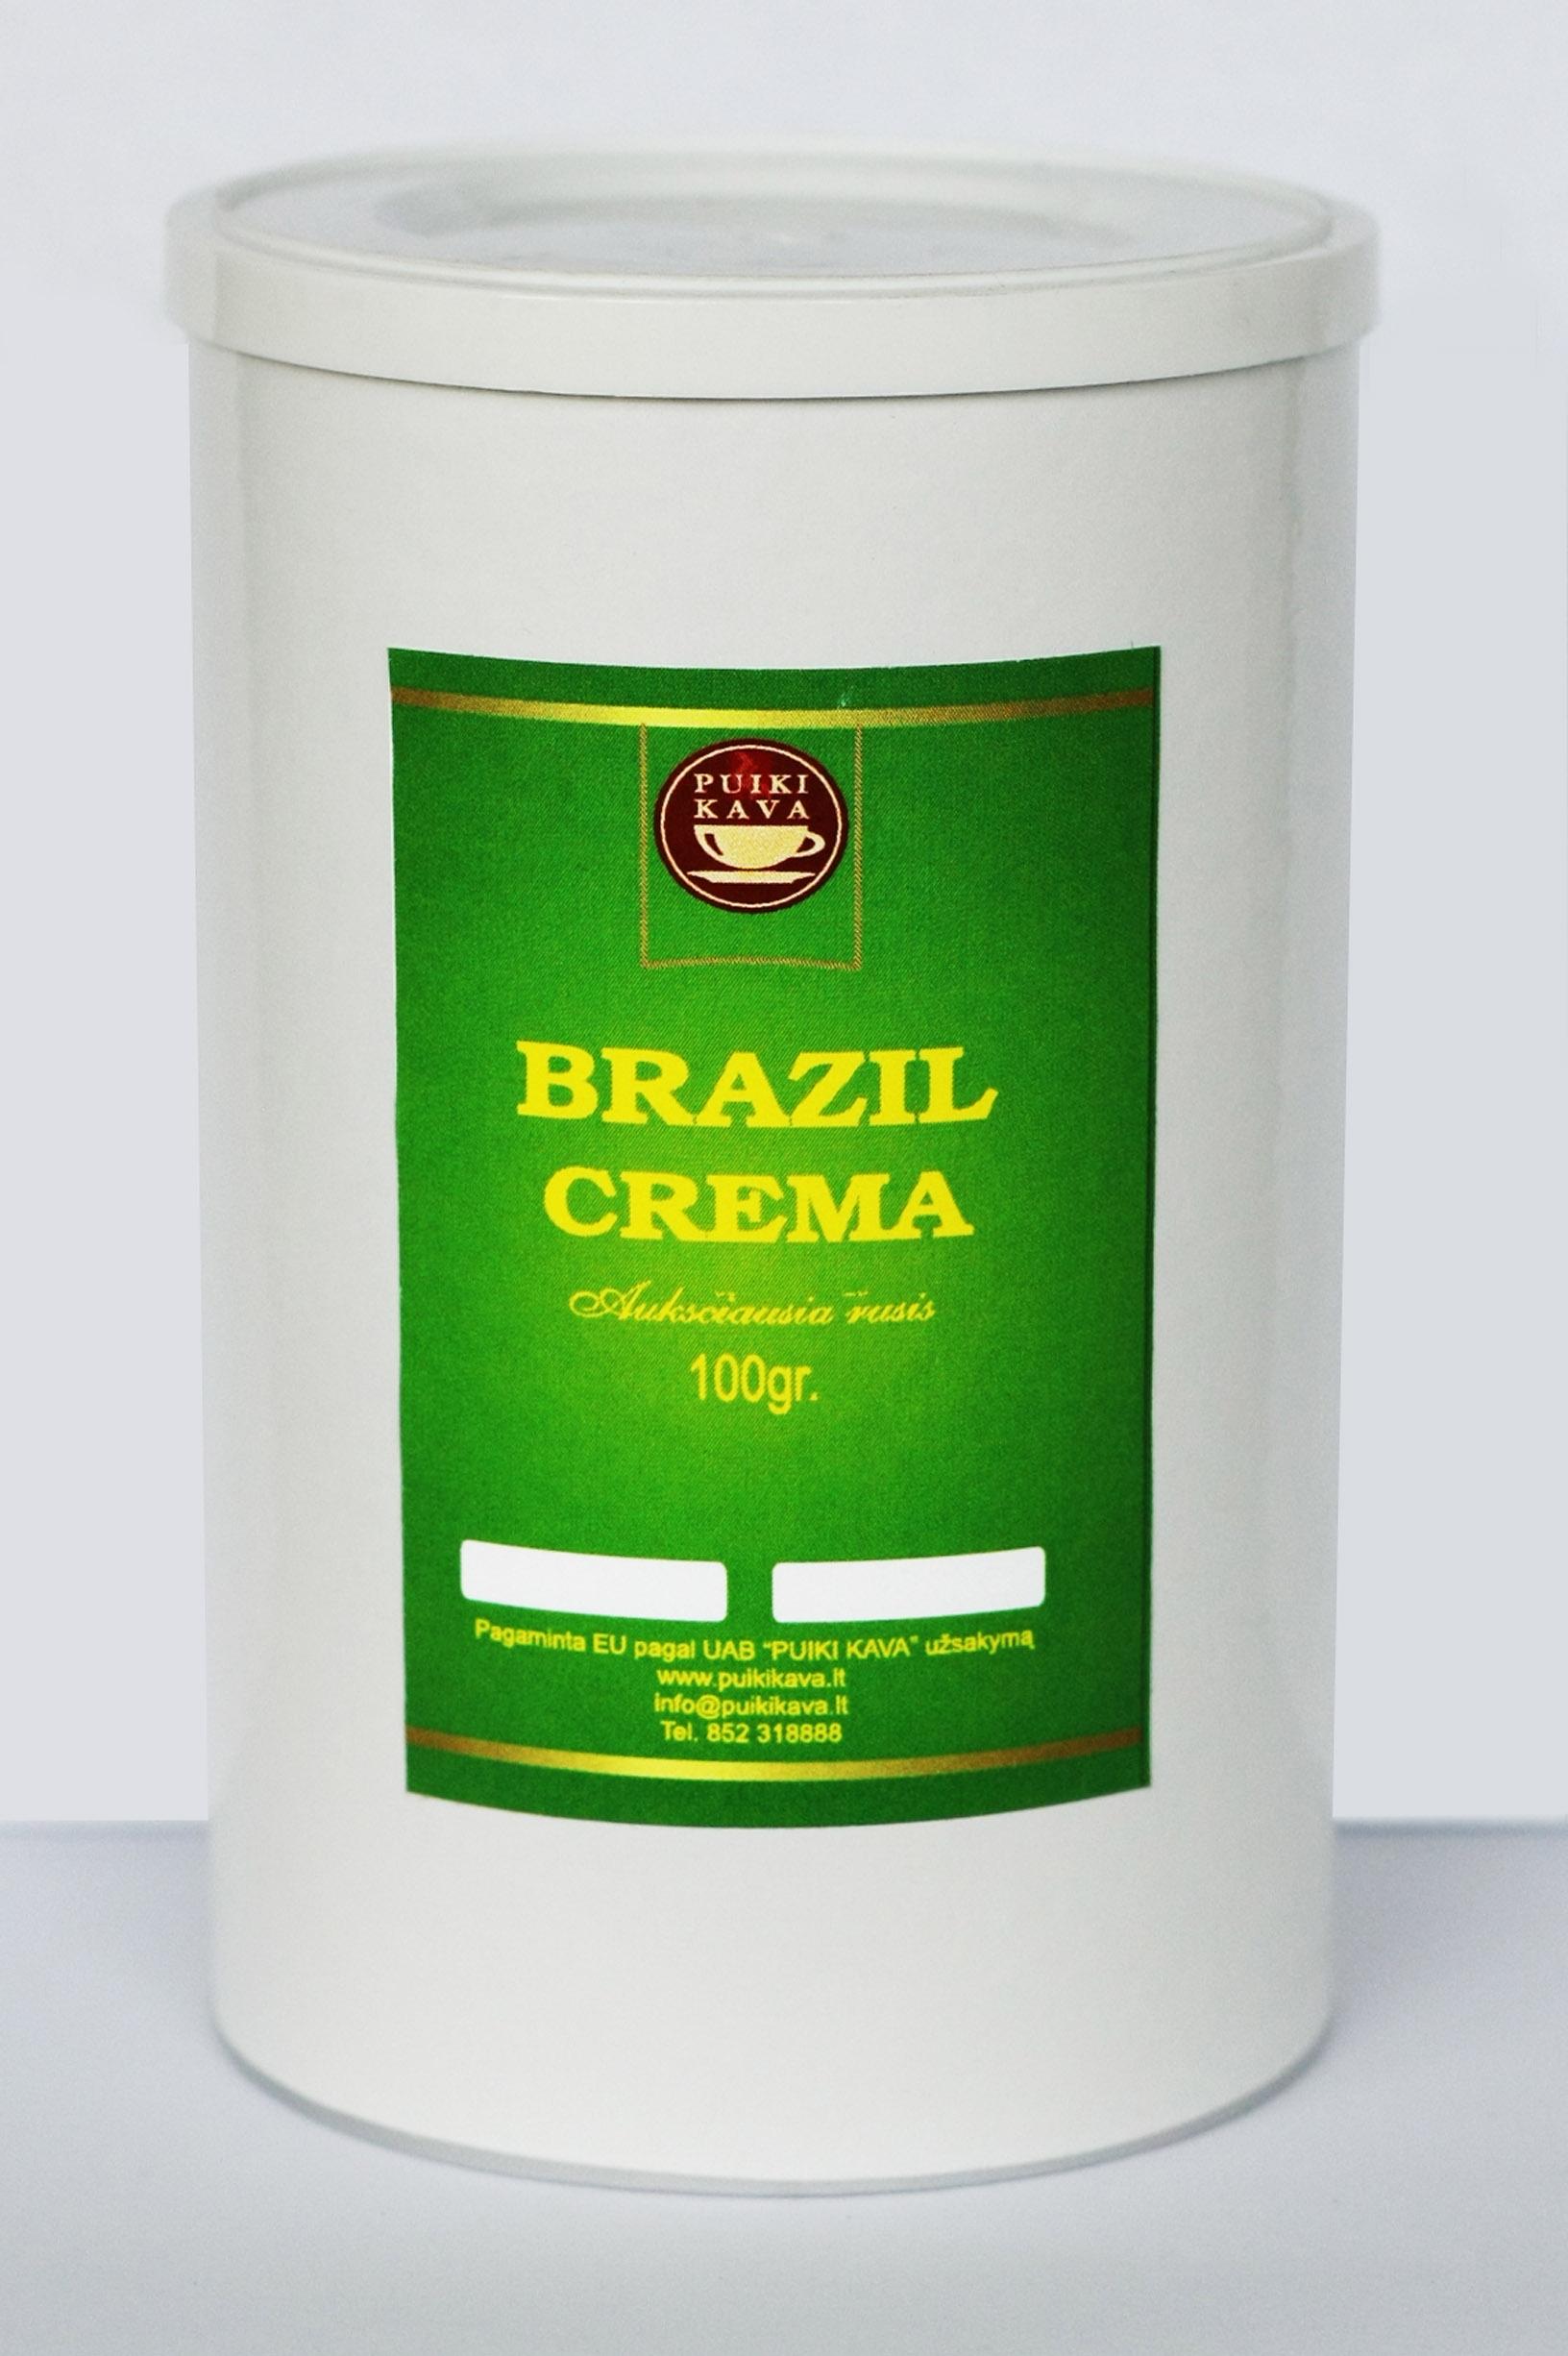 Malta kava BRAZIL CREMA100gr.